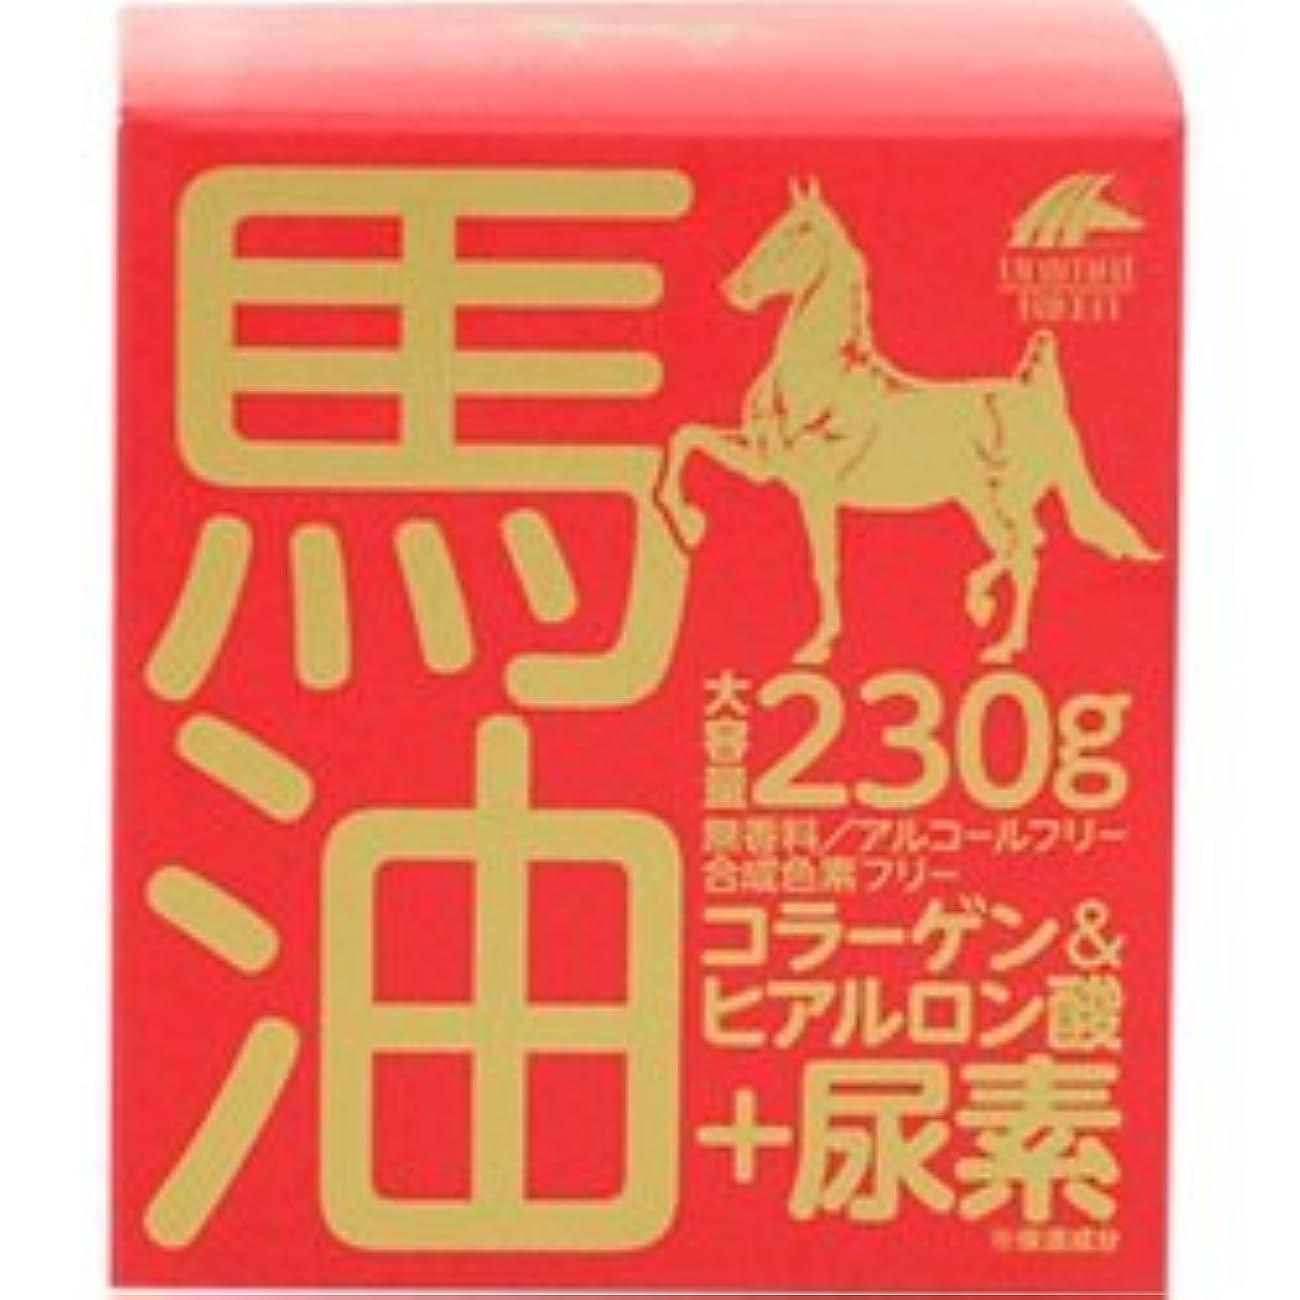 検体主導権キャンプ【ユニマットリケン】馬油クリーム+尿素 230g ×20個セット